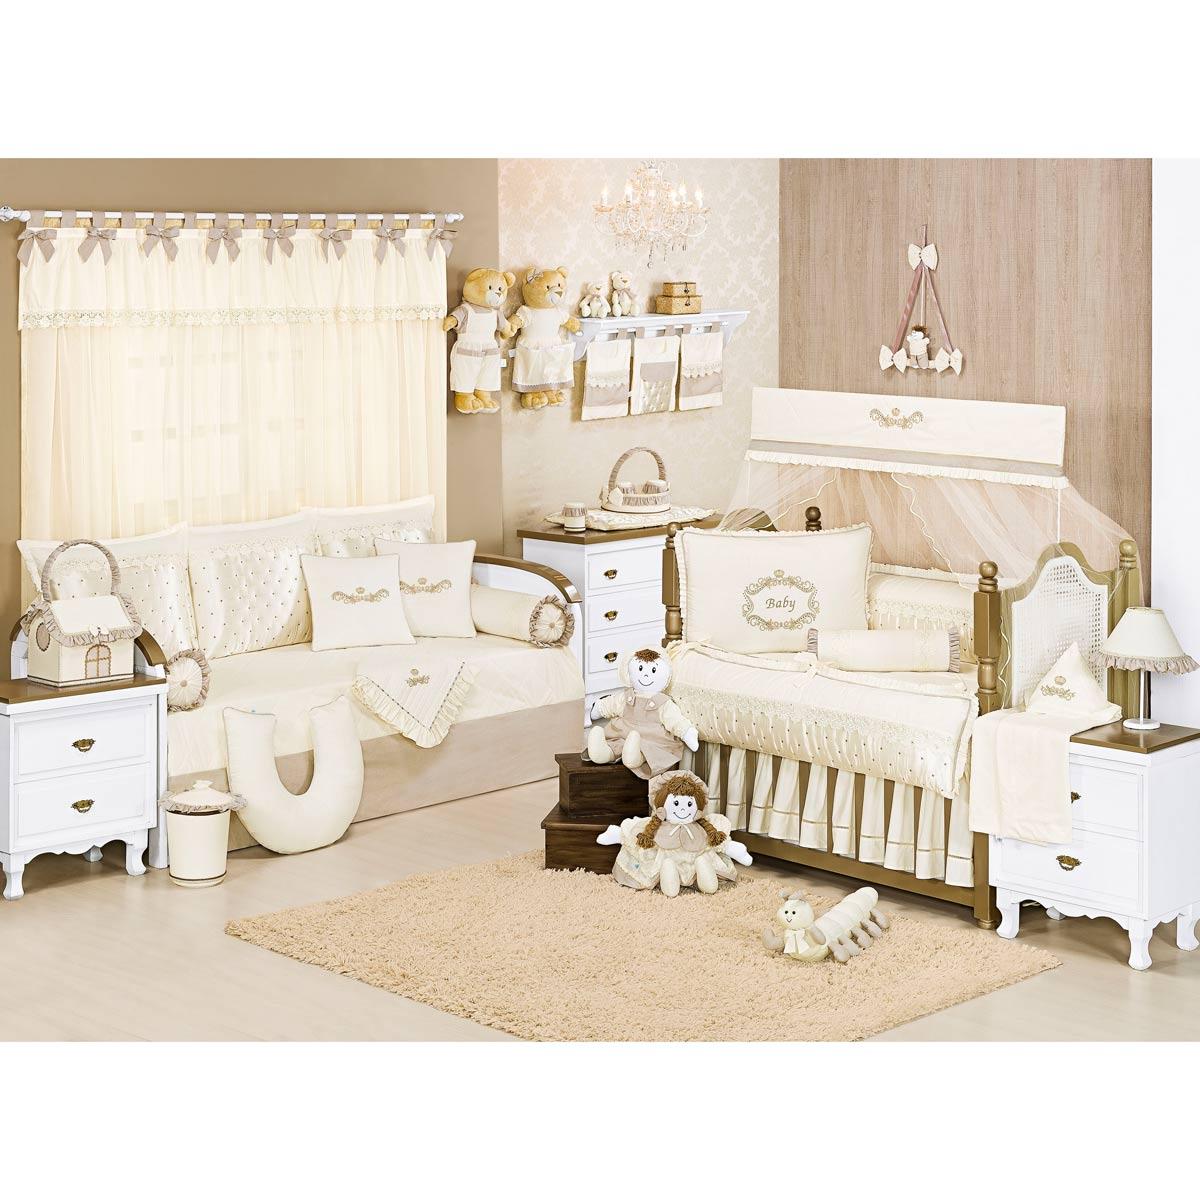 Rolinho Avulso para Quarto de Bebê - Coleção Imperial Palha